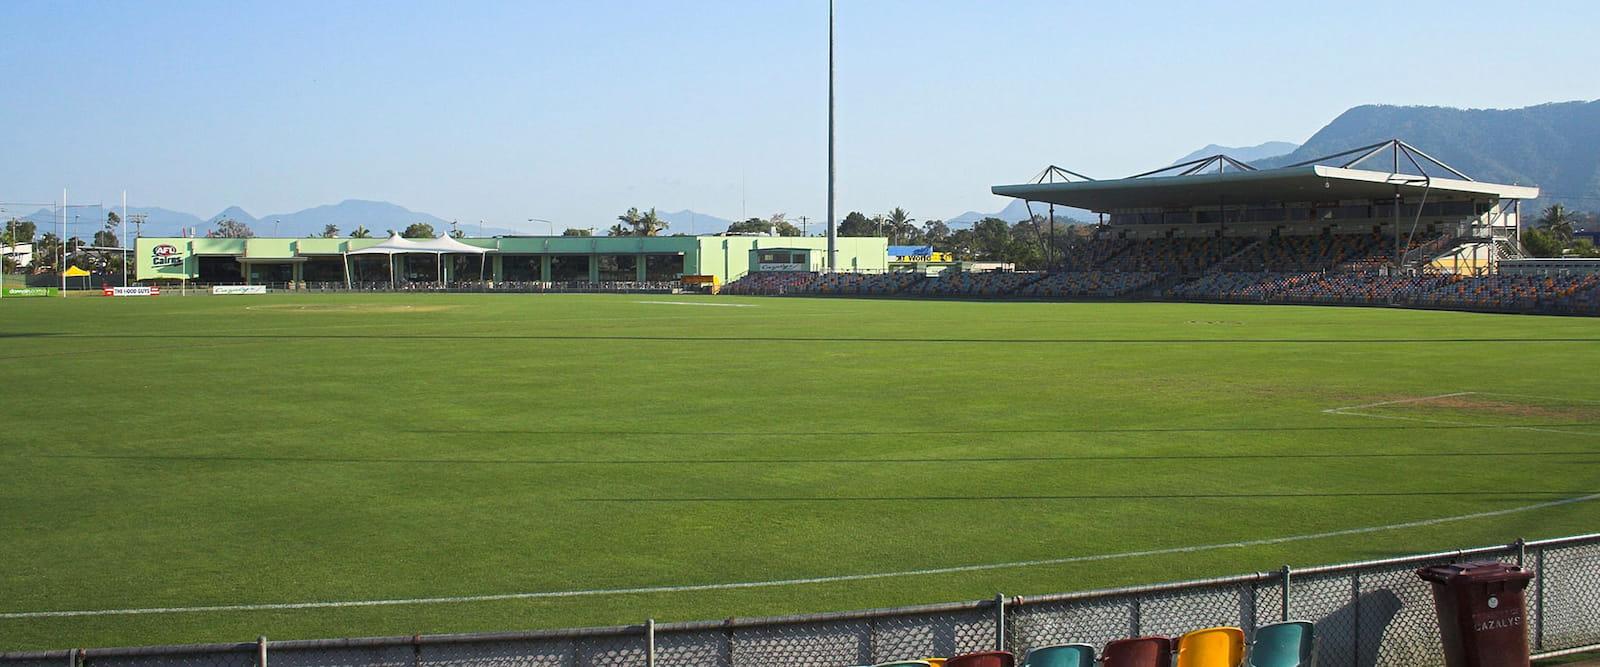 Cazaly's Stadium